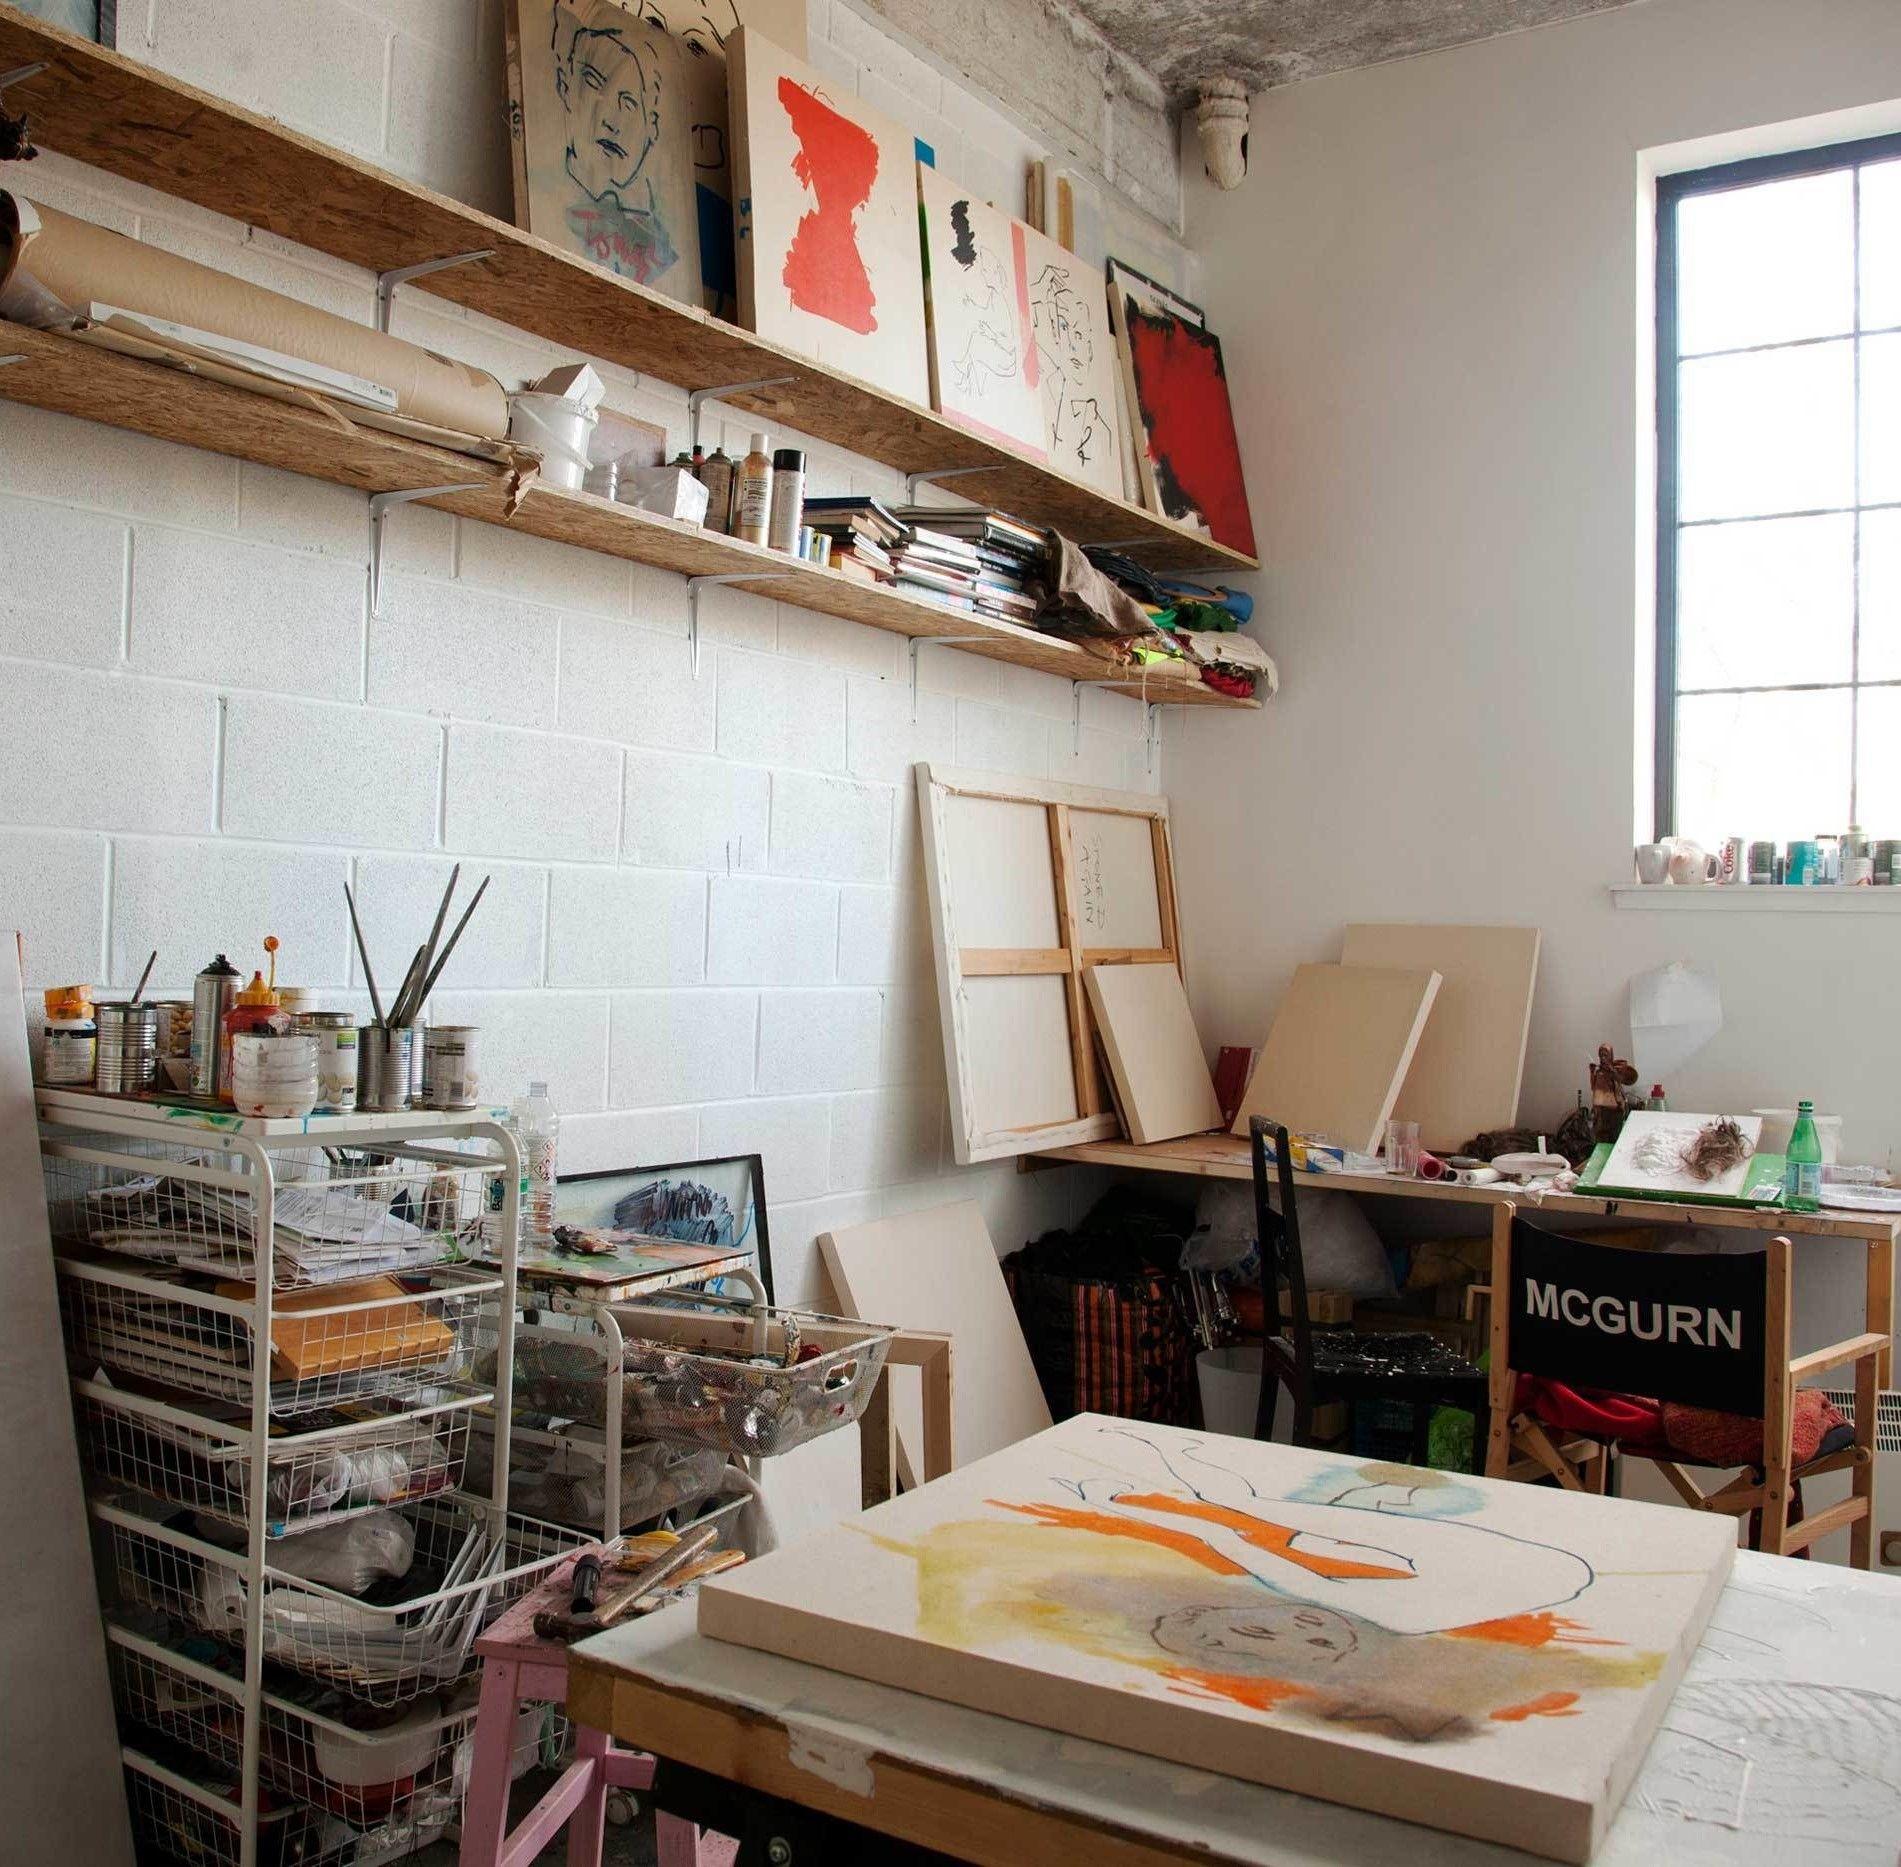 آموختنِ فروش آثار به شیوۀ گالریها؛ بازاریابی برای هنرمندان (قسمت آخر)